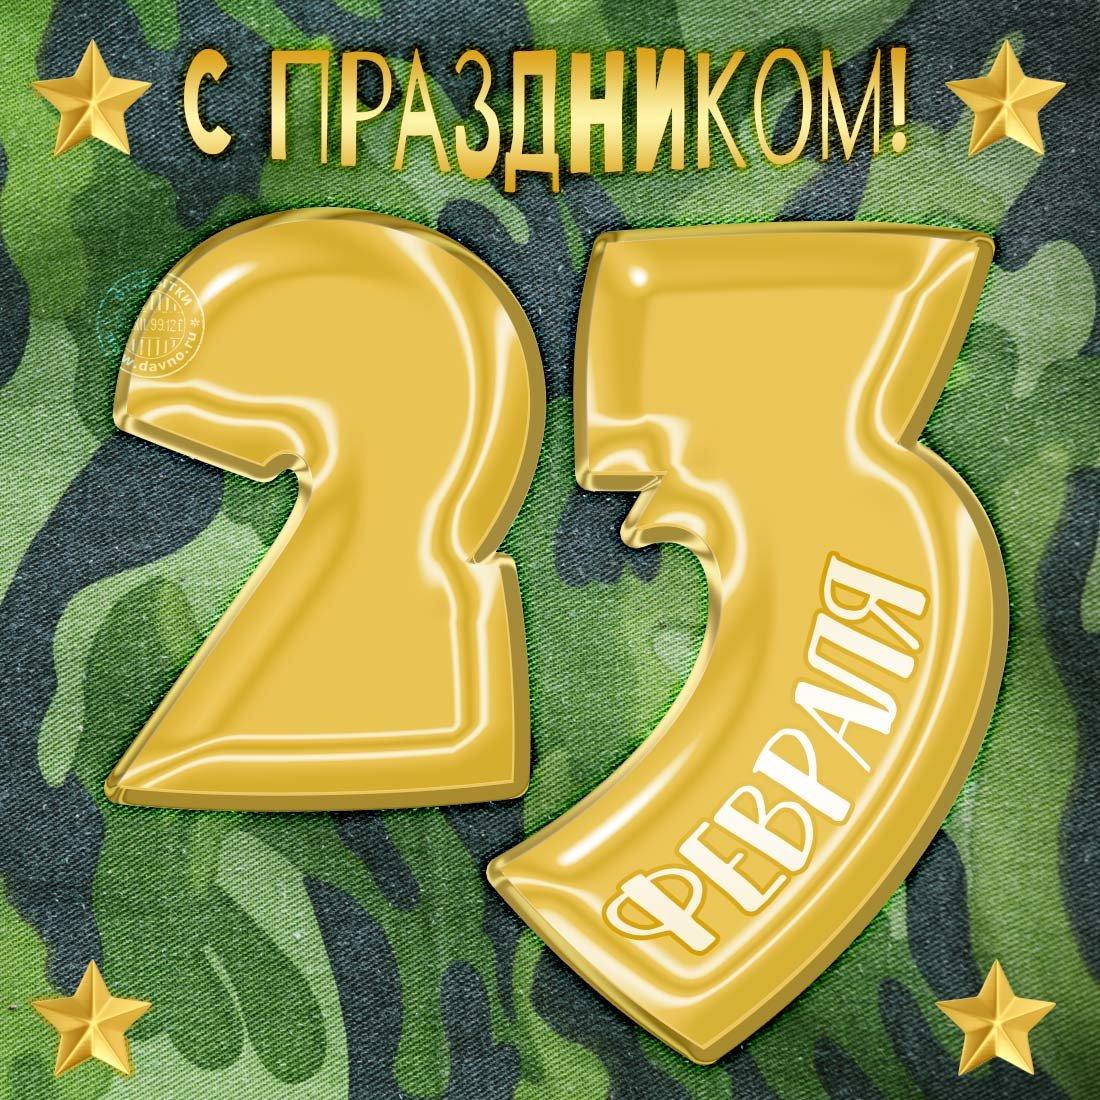 ❶Открытки с 23 февраля для мальчиков|Красивые поздравления с днем 23|Мероприятия на 23 февраля в Москве | Праздники | Pinterest | February, Holiday and Cards||}